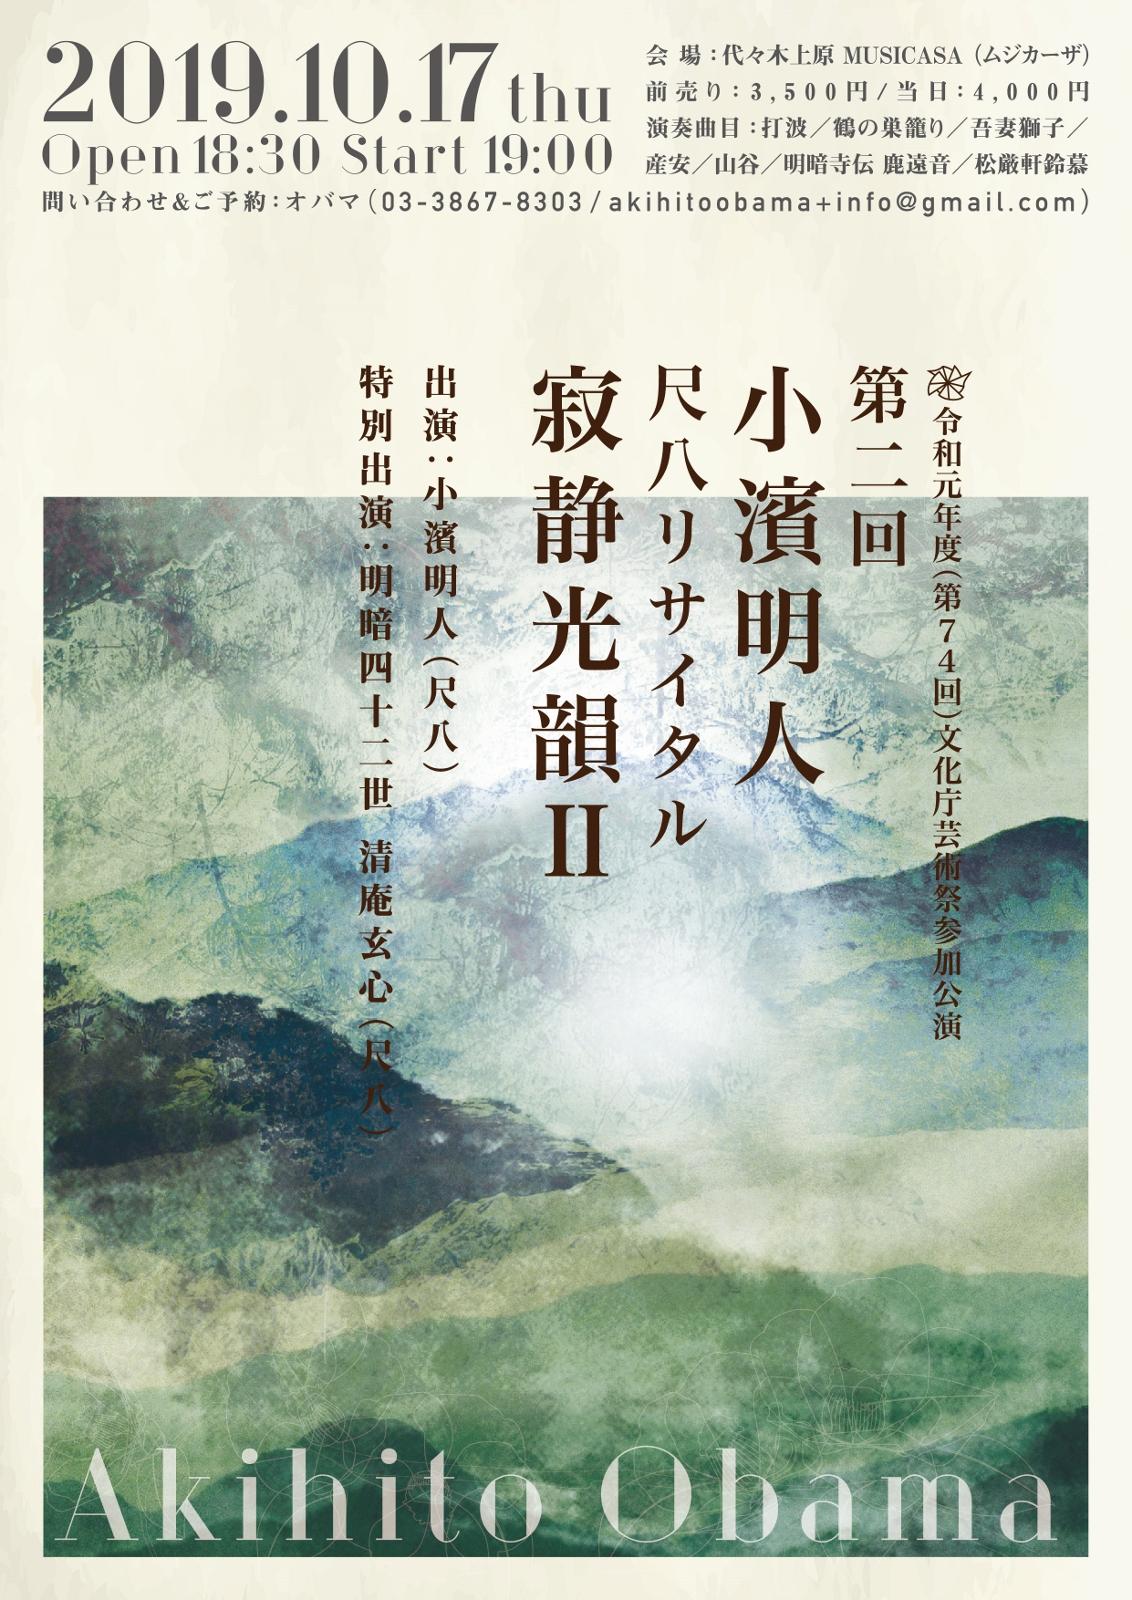 第二回 小濱明人 尺八 リサイタル「 寂静光韻 Ⅱ」